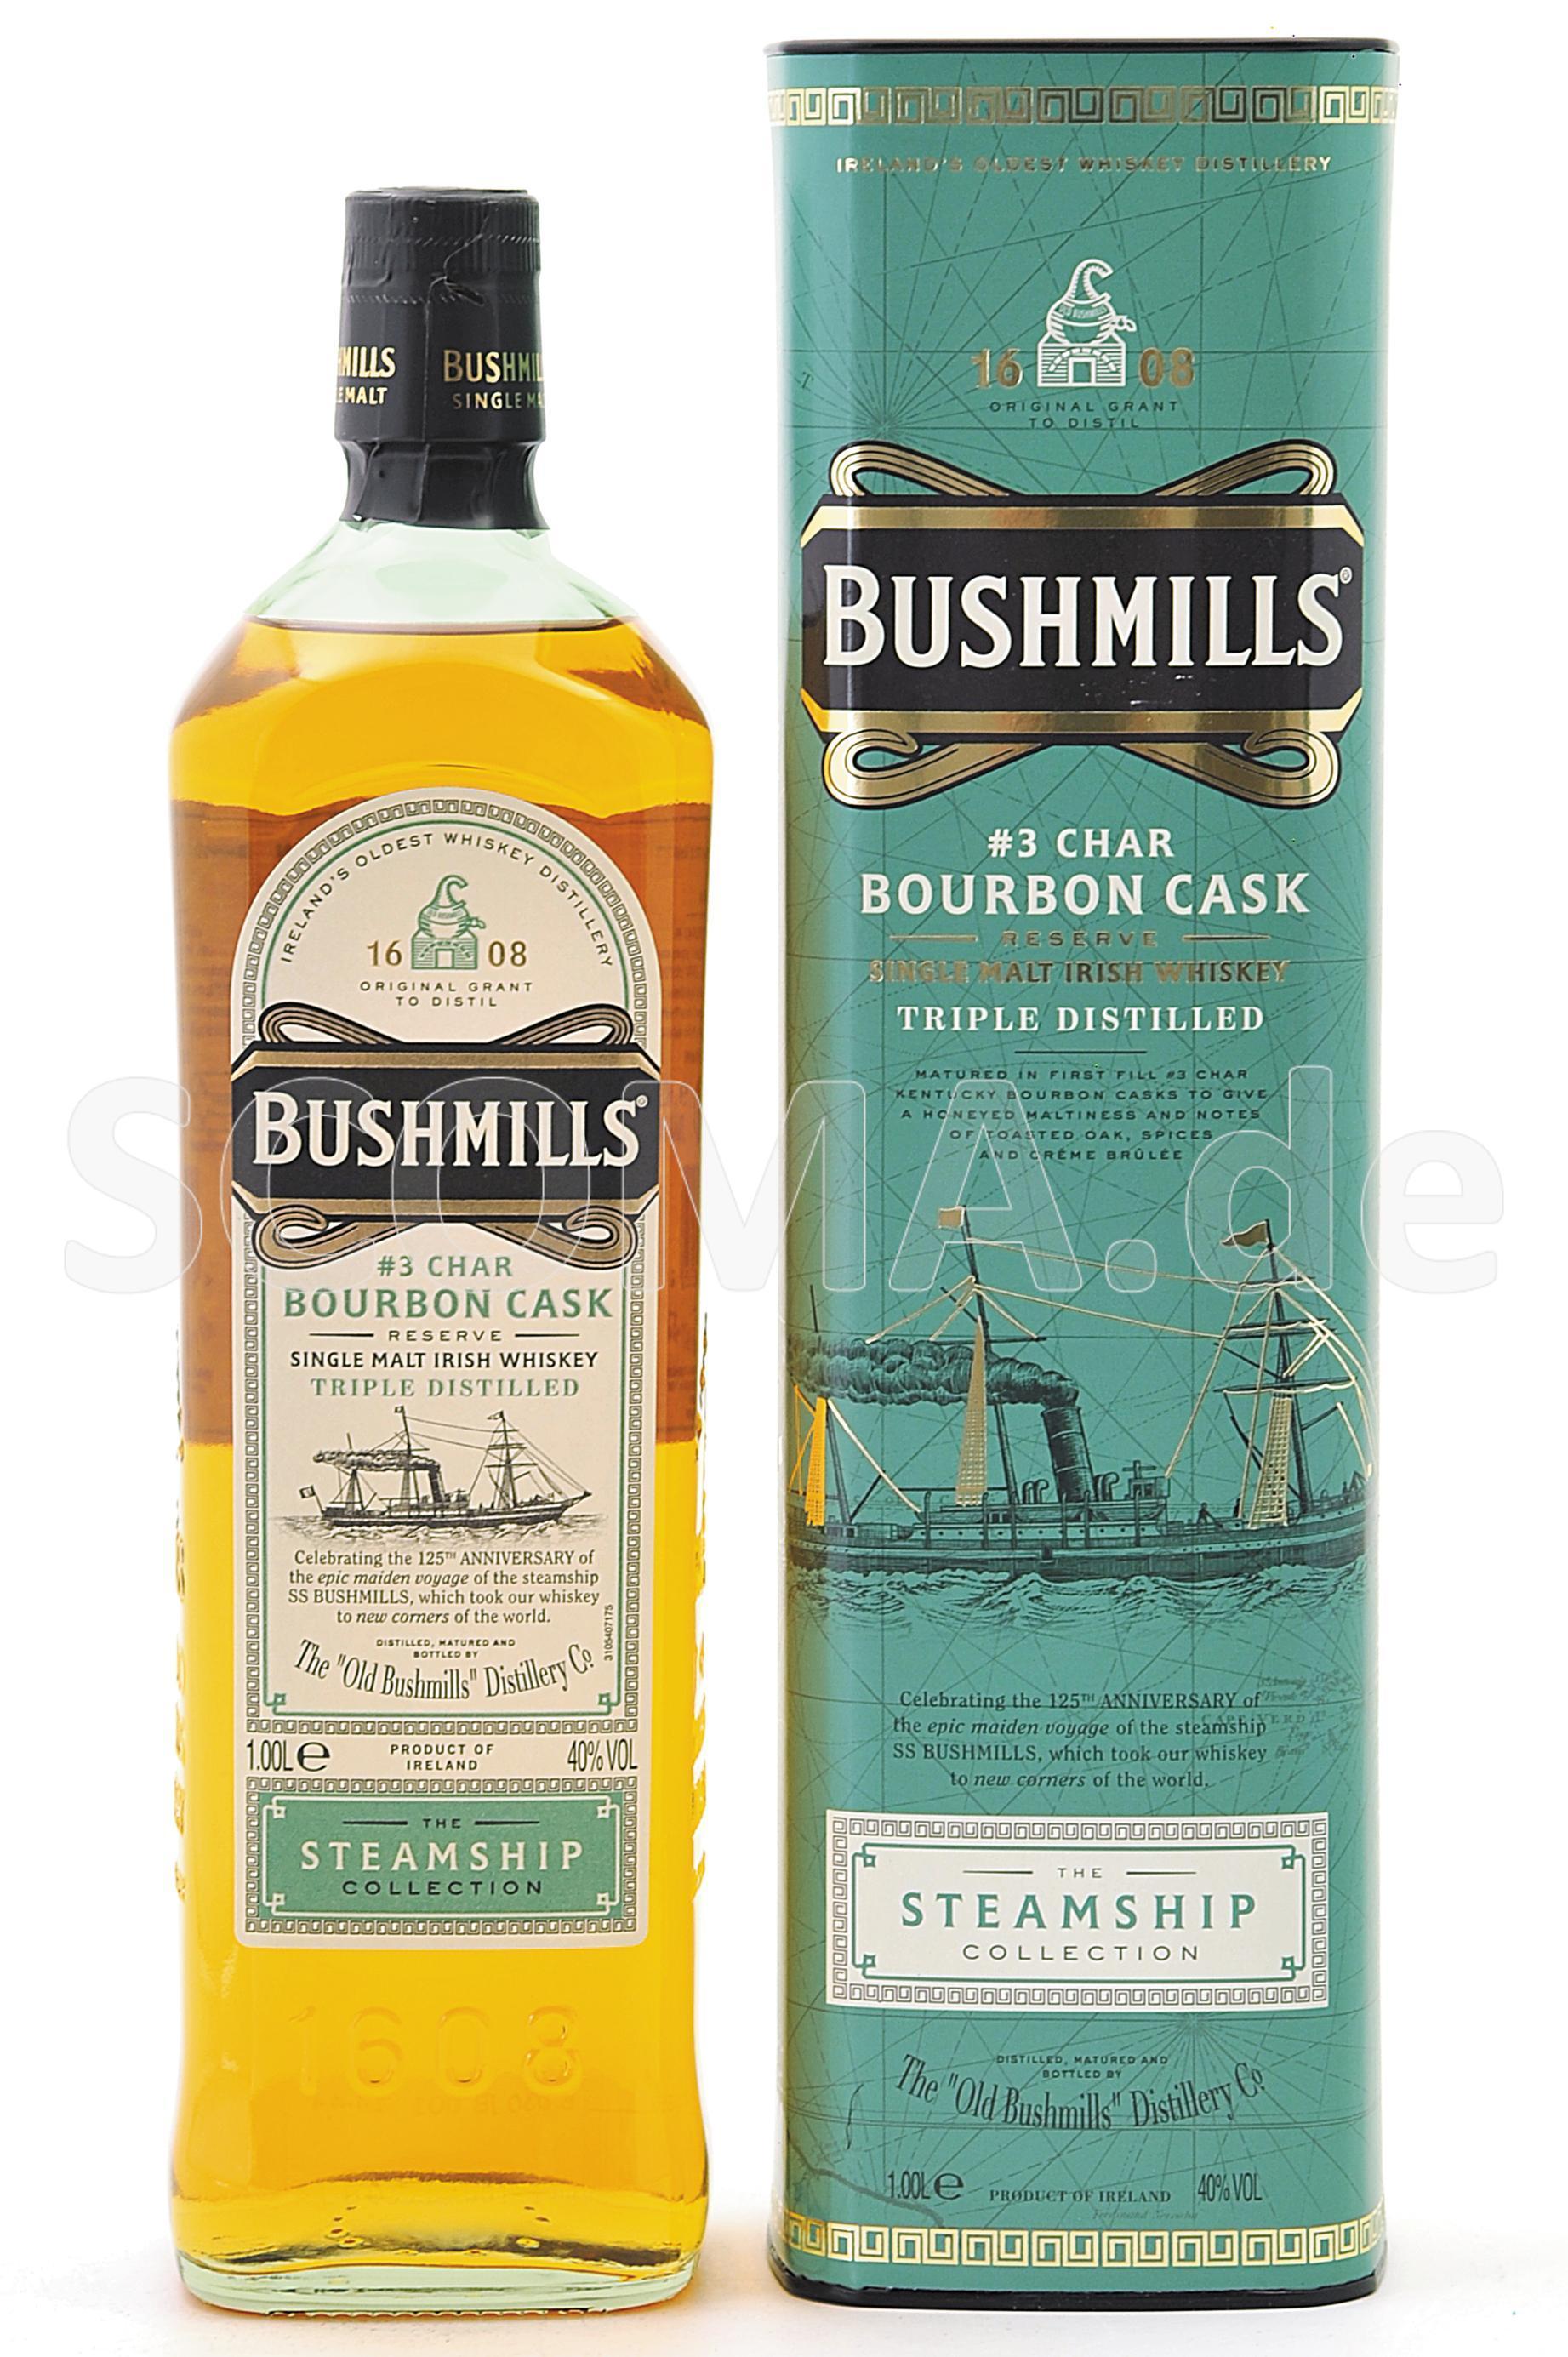 Bushmills #3 Char Bourbon Cask